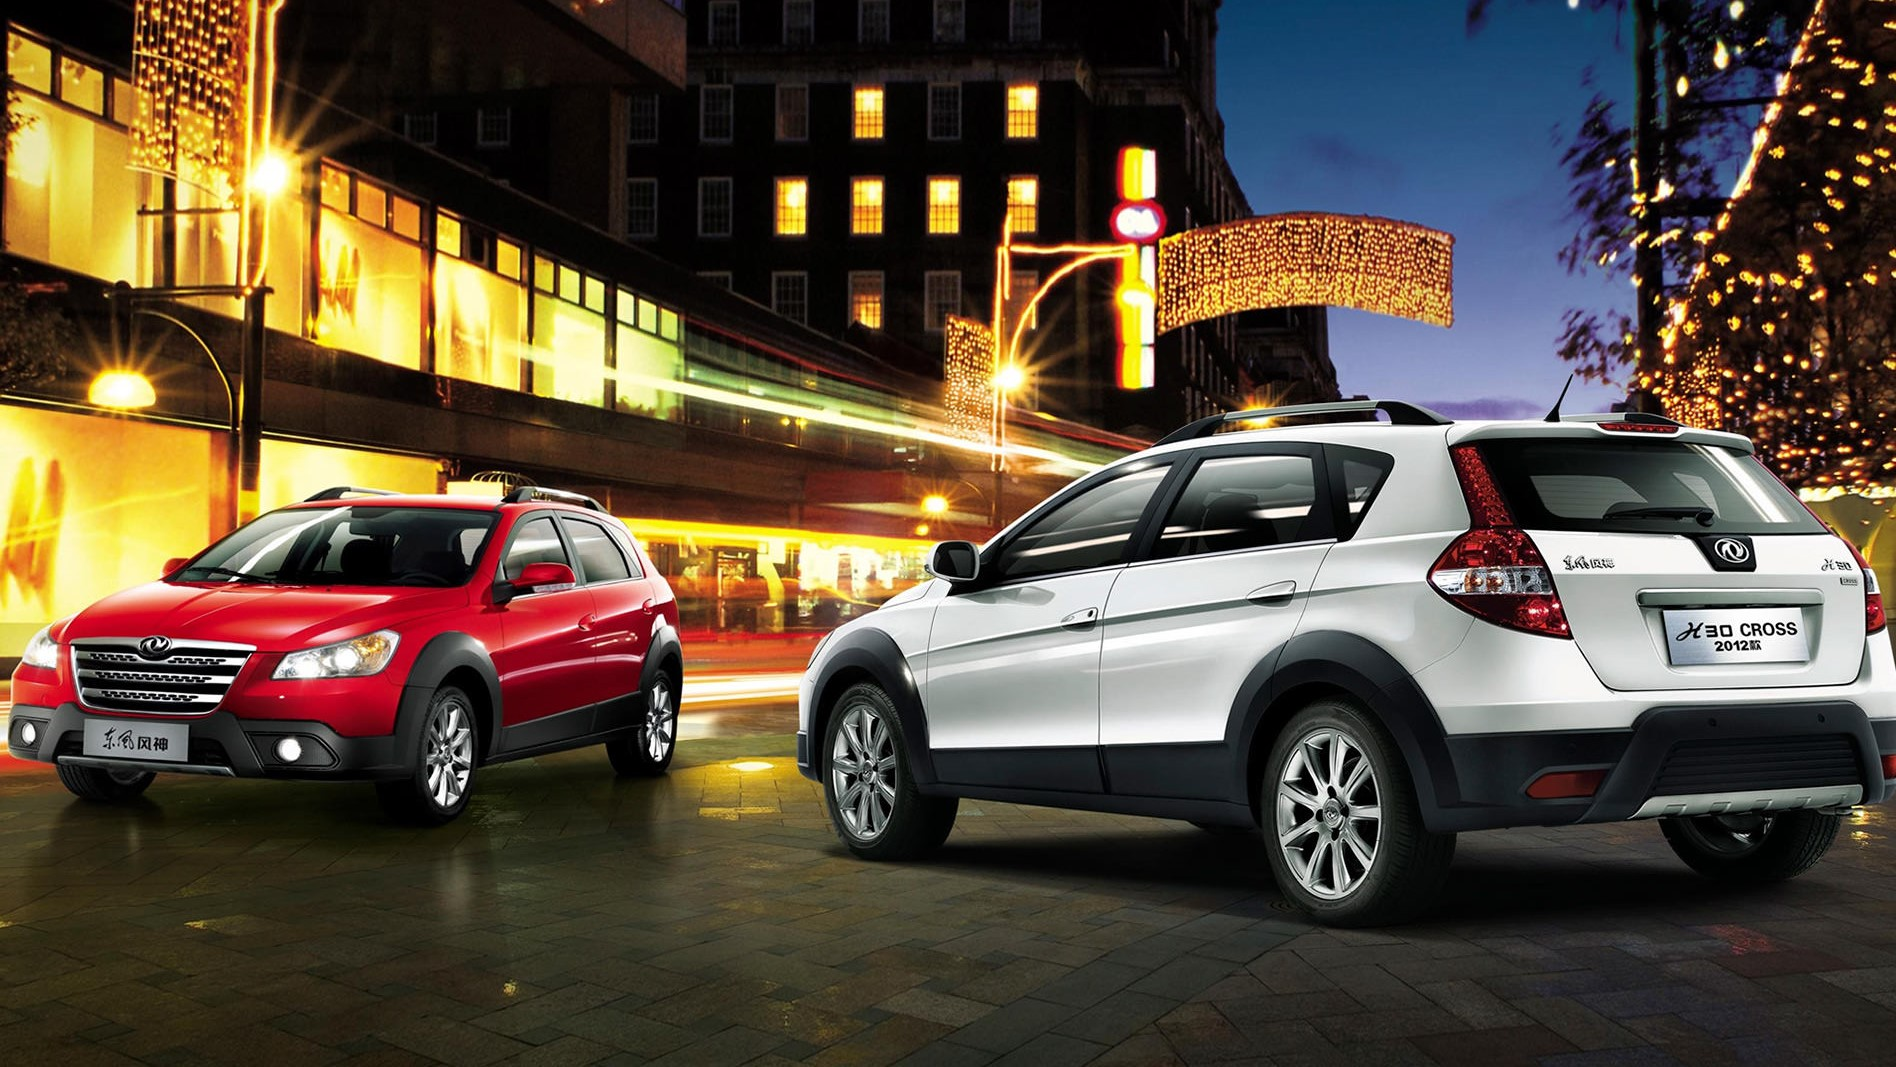 نرخ مدلهای مختلف خودروهای شاسی بلند در بازار +جدول